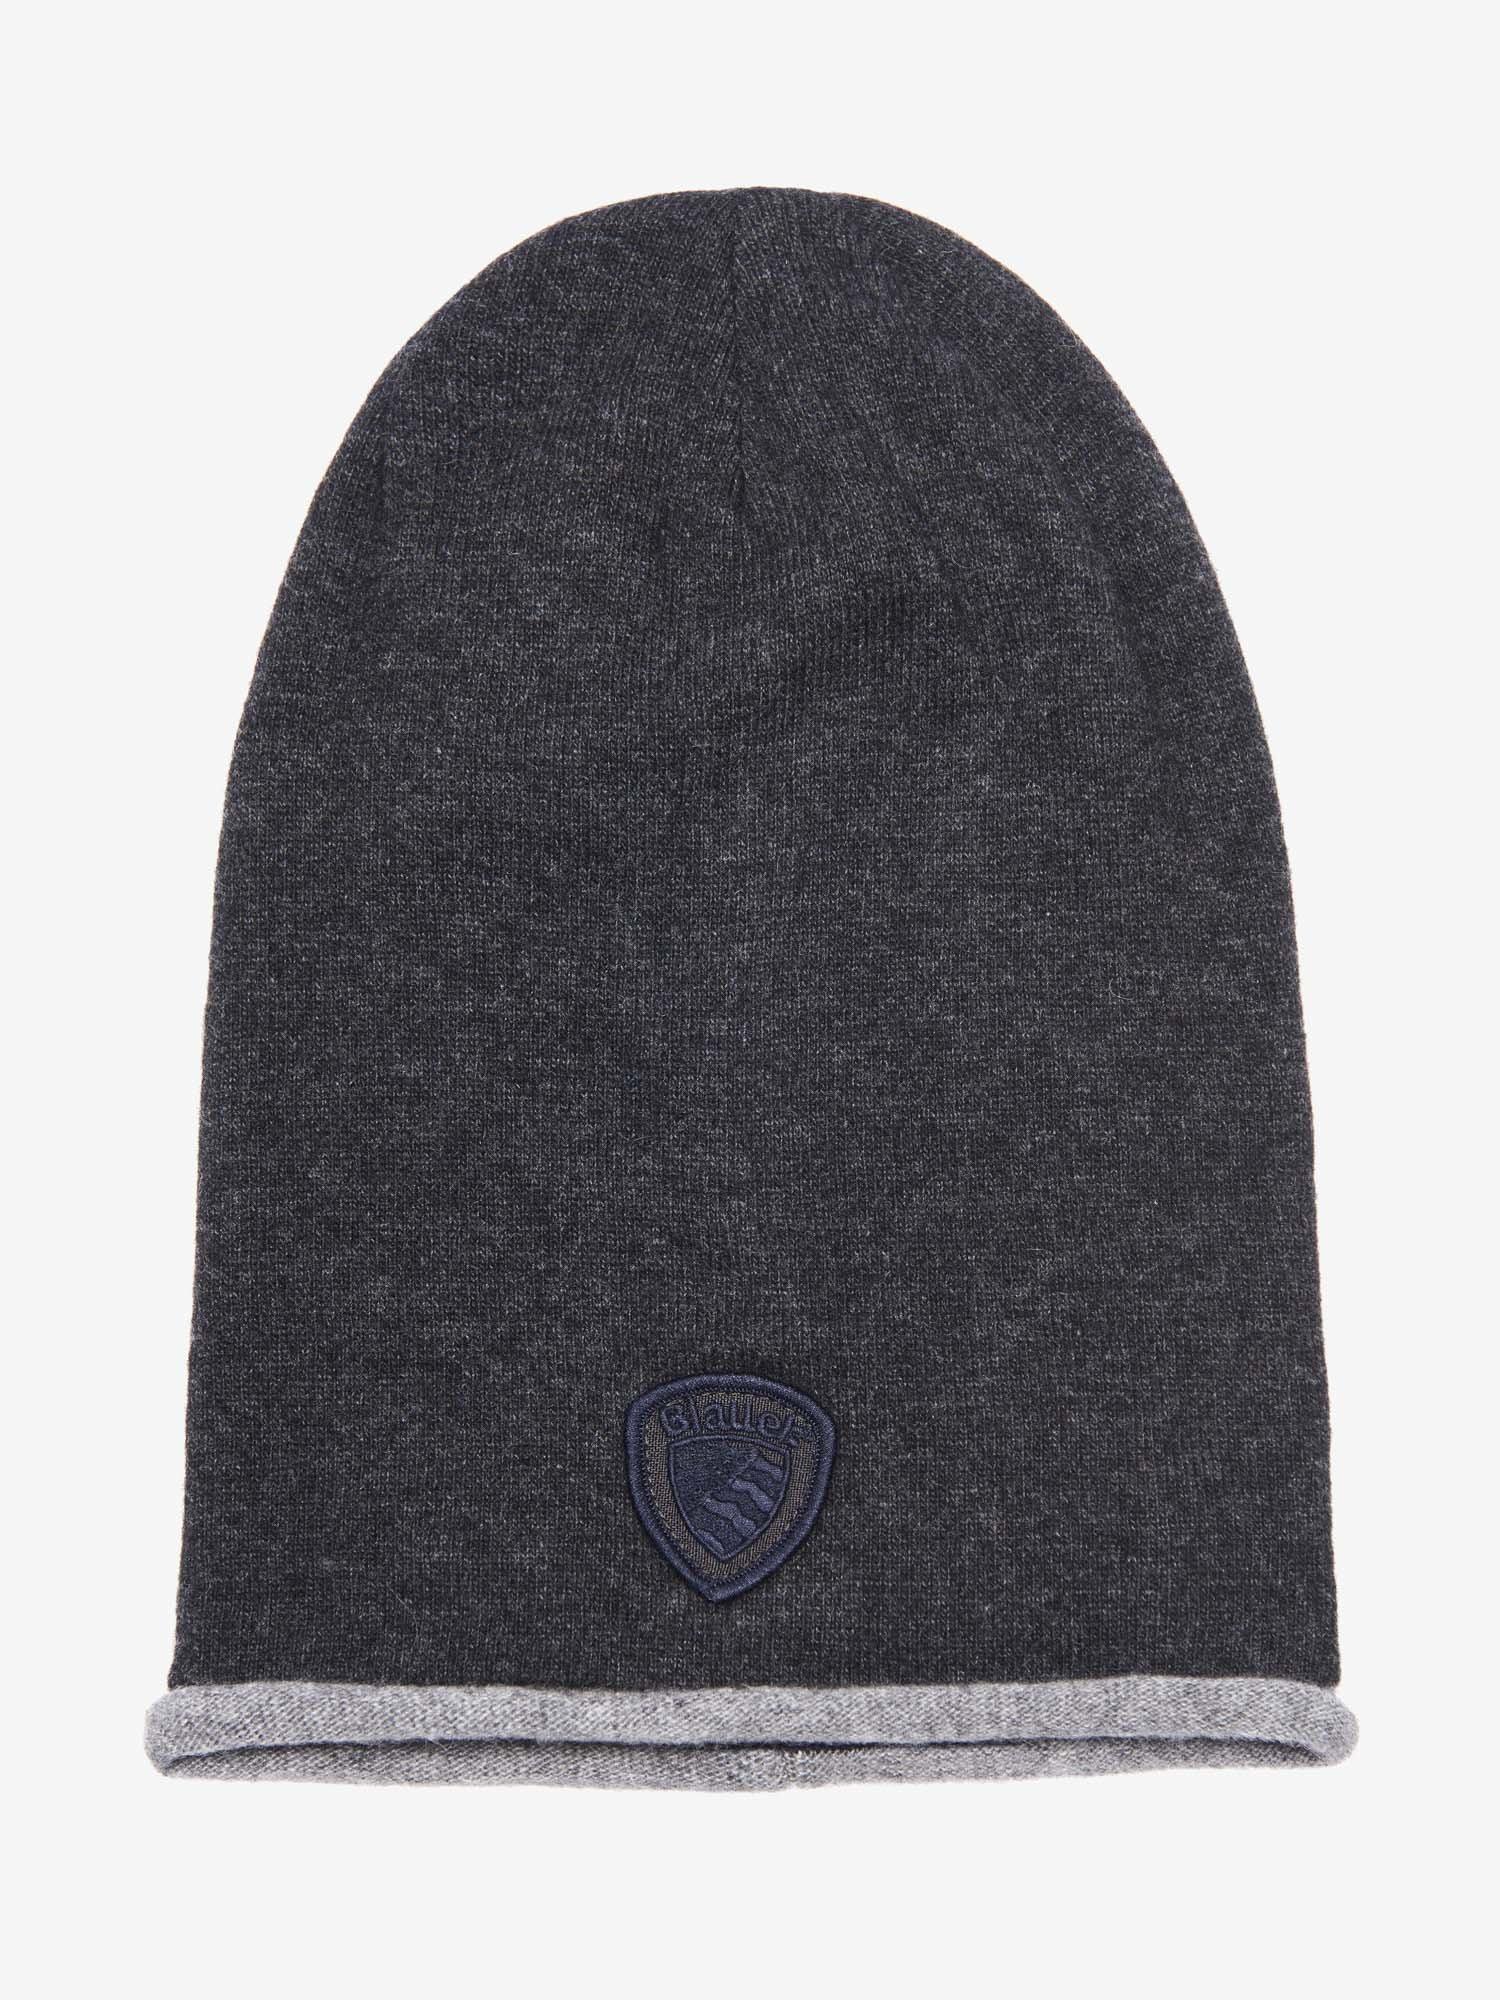 TOQUE CAP - Blauer